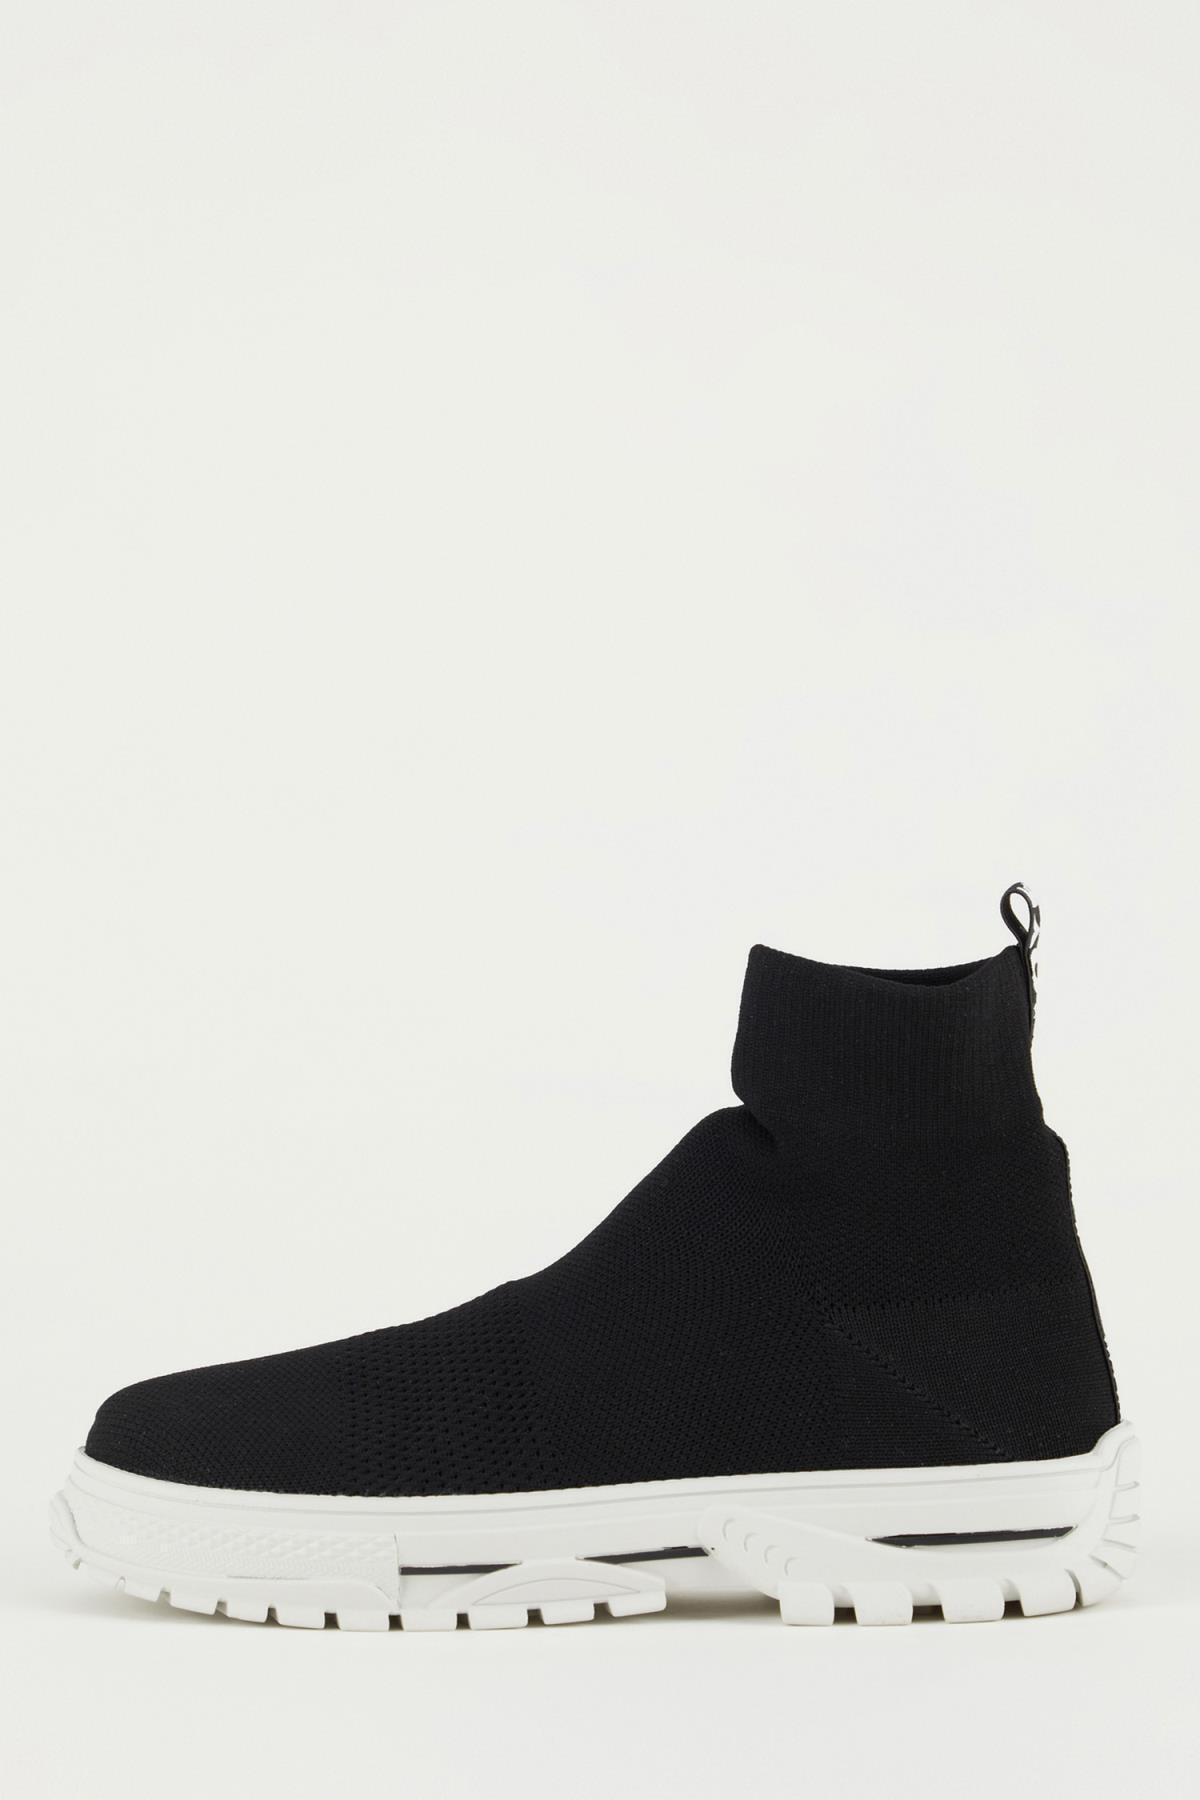 DeFacto Kadın Çorap Tipi Yüksek Bilekli Spor Ayakkabı U2144AZ21SMBK23